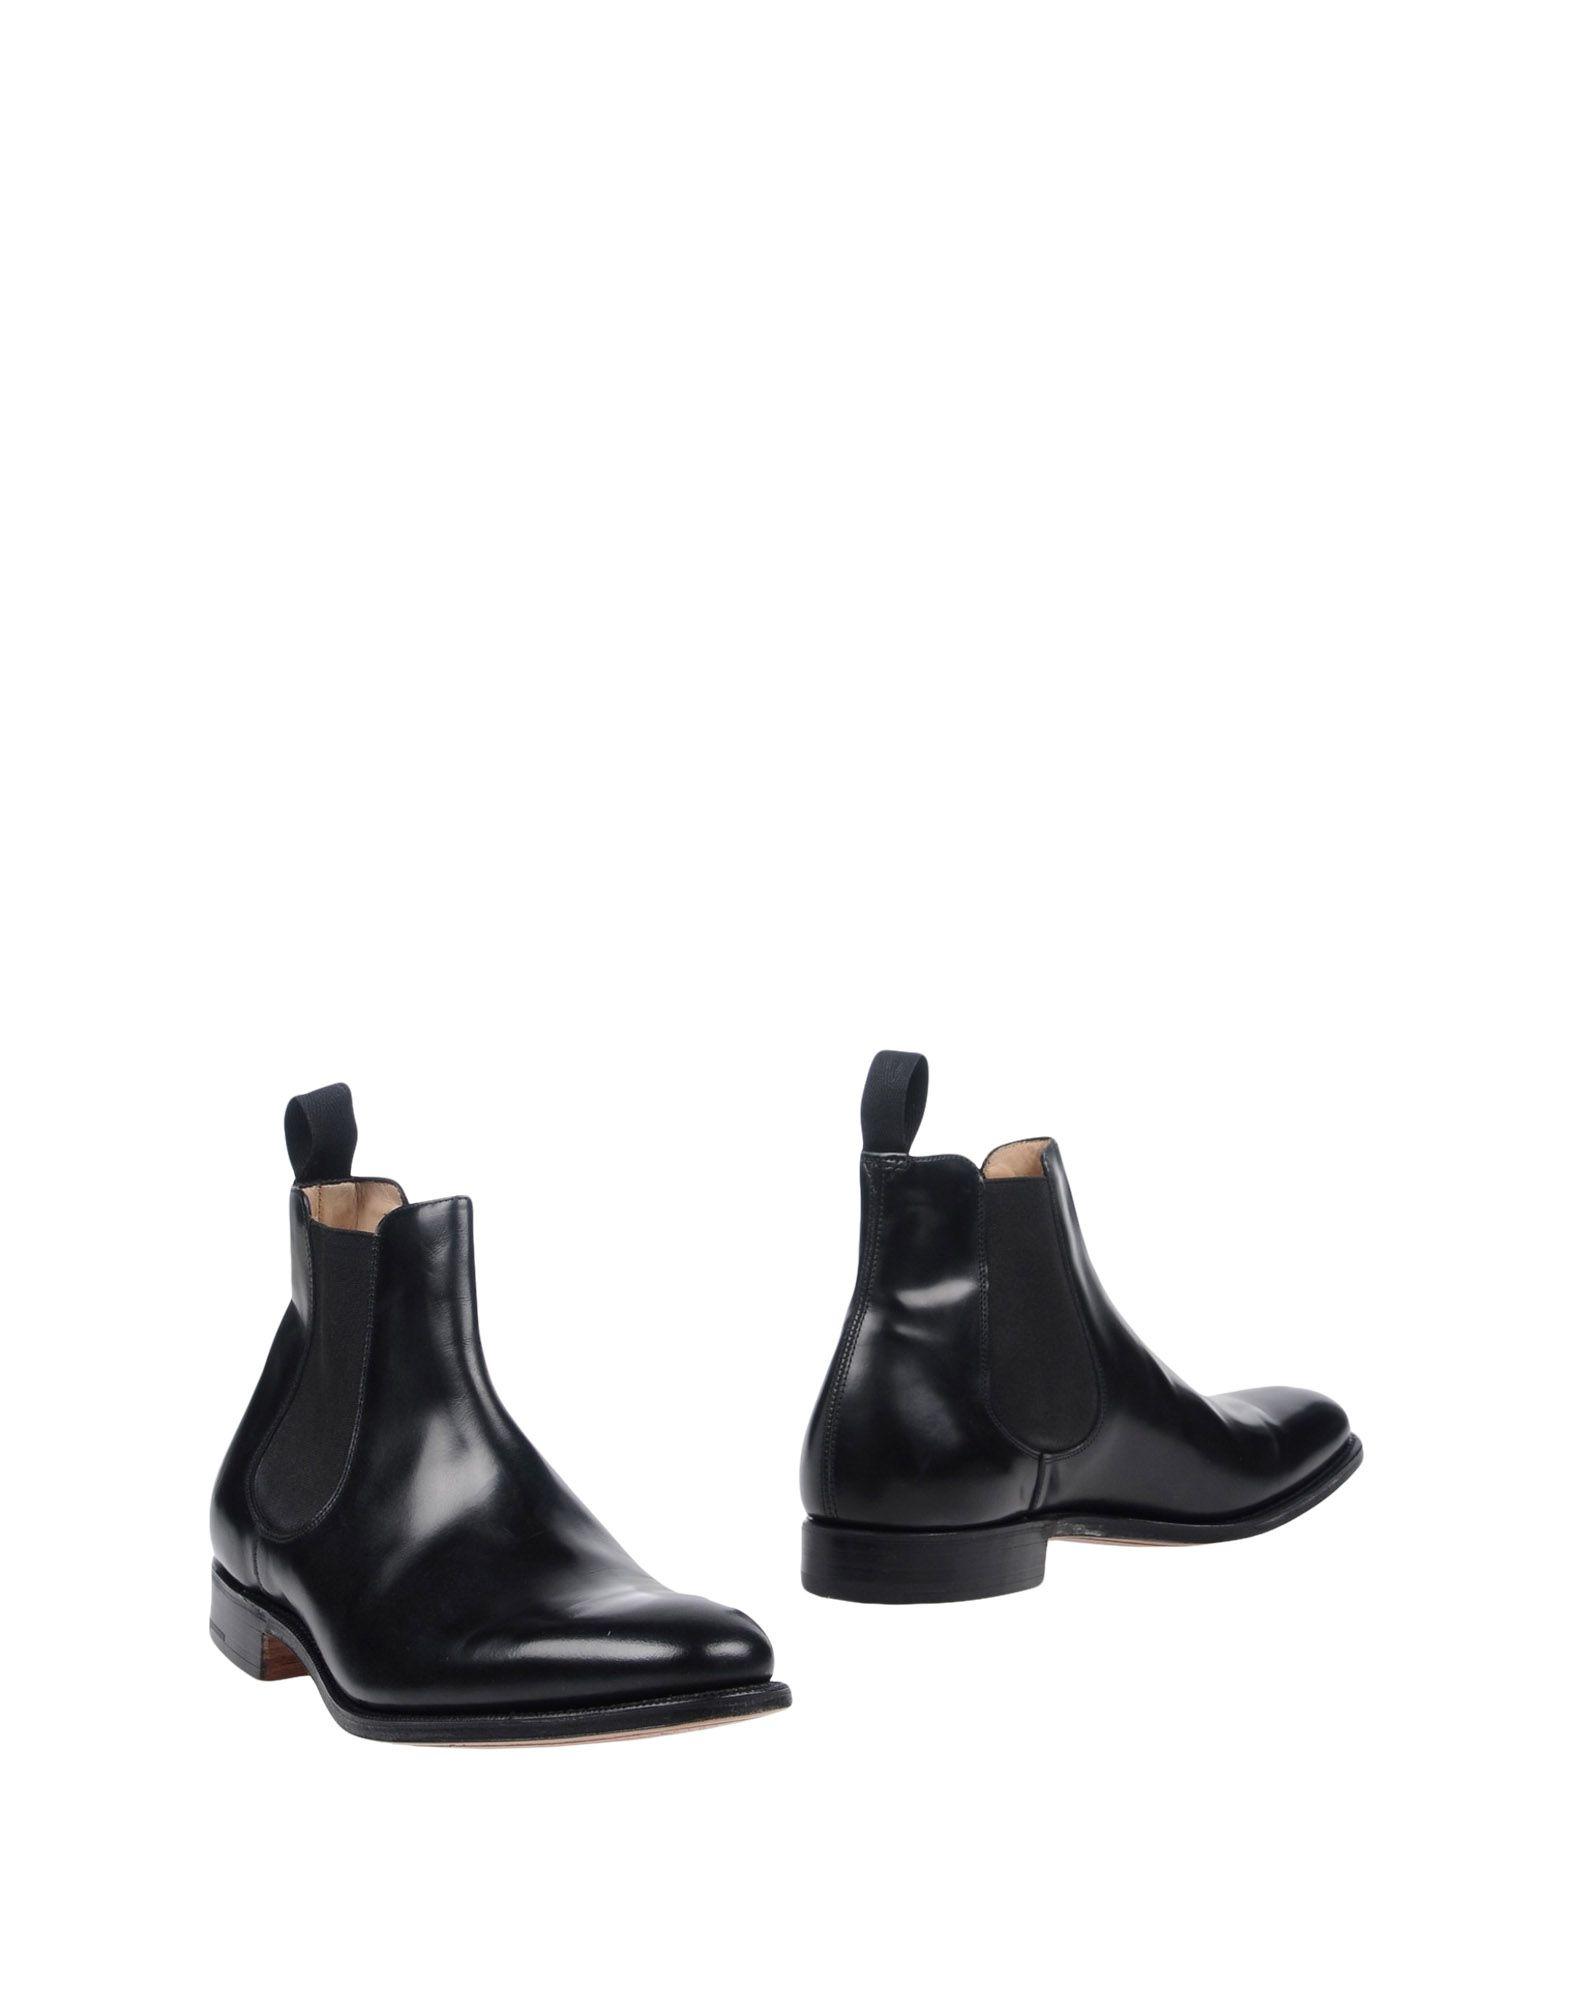 Church's Stiefelette Herren Qualität  11455143TX Gute Qualität Herren beliebte Schuhe 90283f